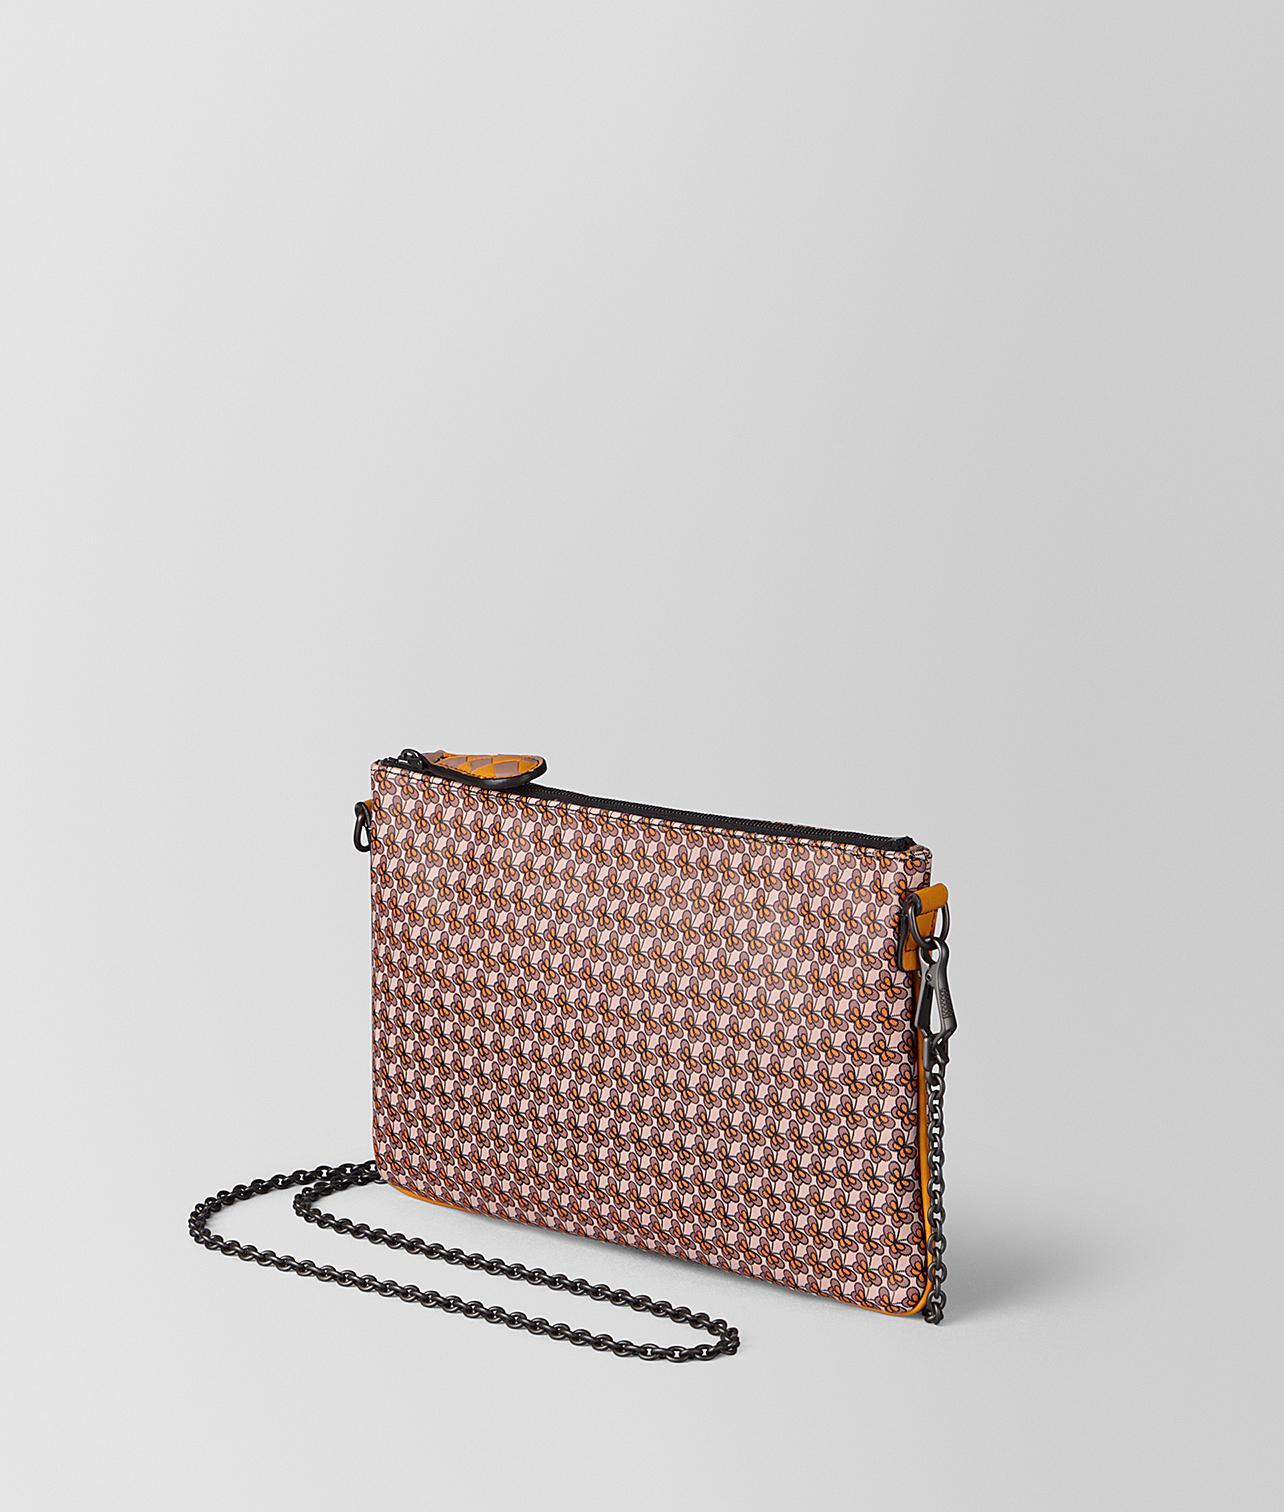 e051bcfde4c4 Lyst - Bottega Veneta Chain Wallet